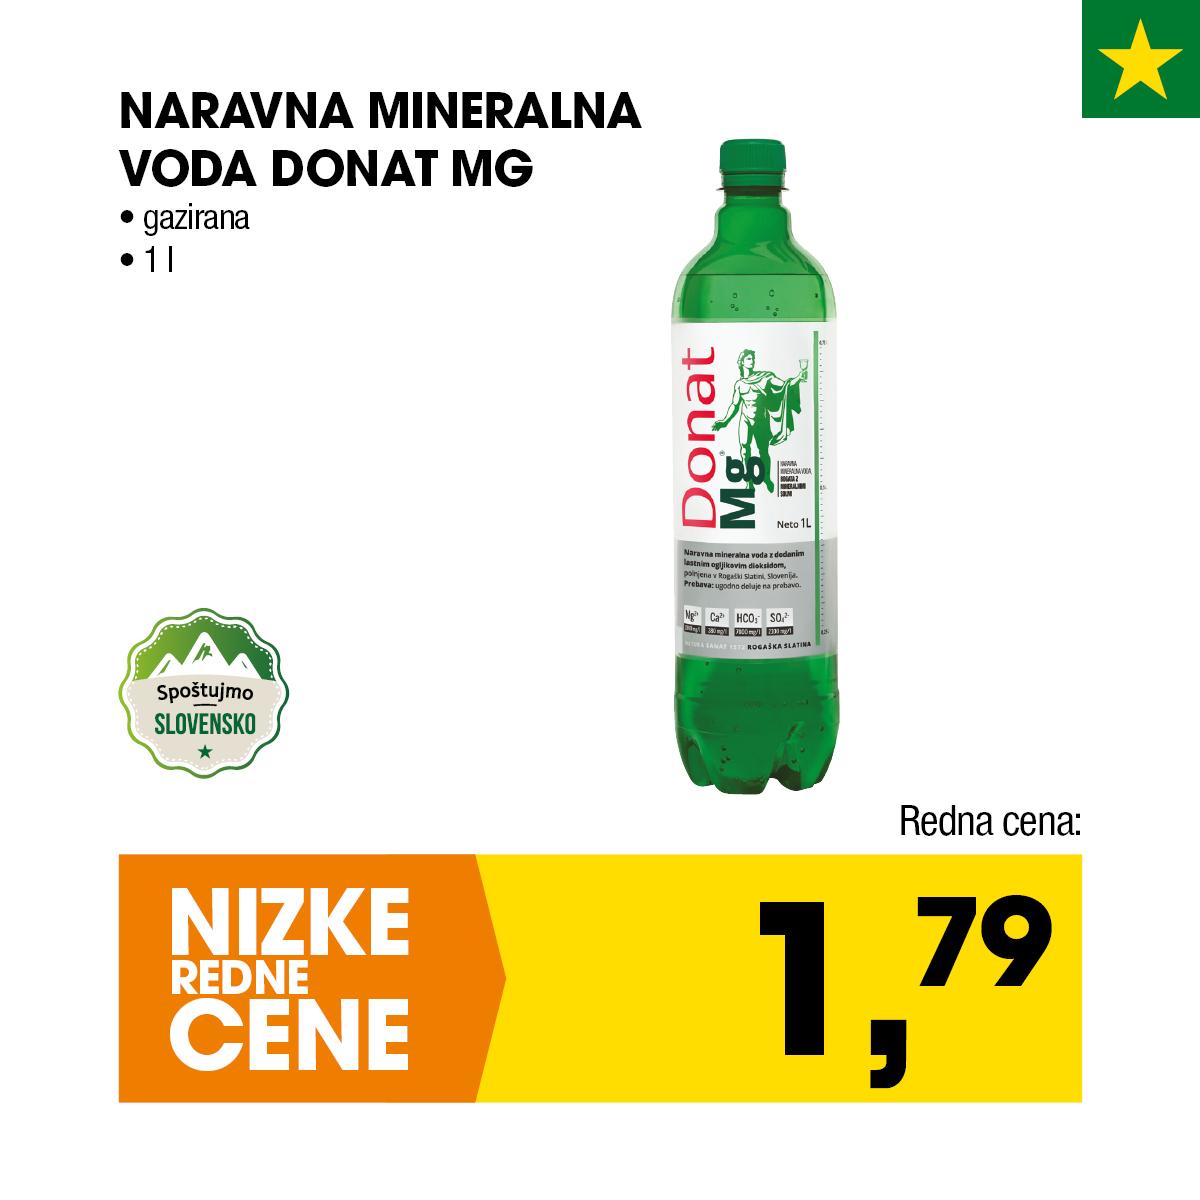 Gazirana naravna mineralna voda Donat MG